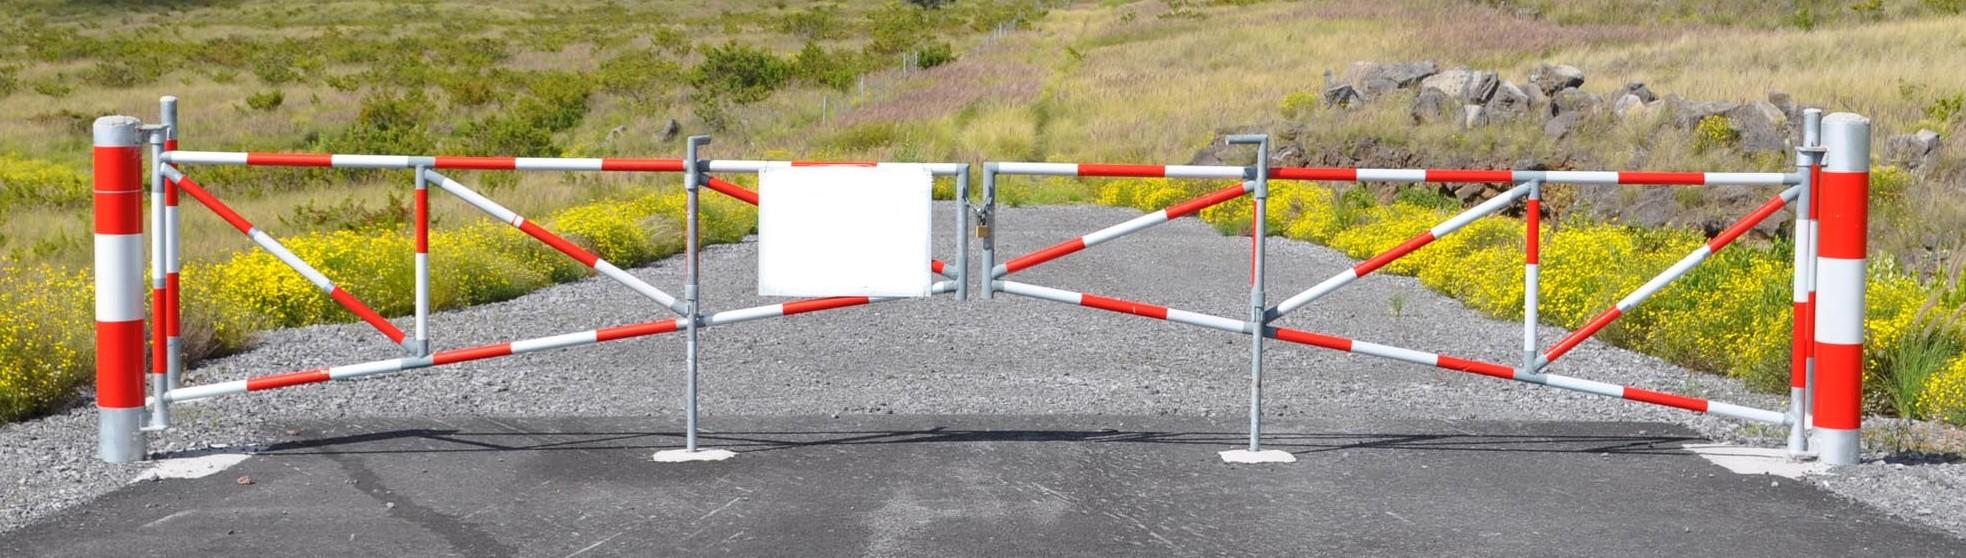 Pipe-Gate-2-e1427584342391